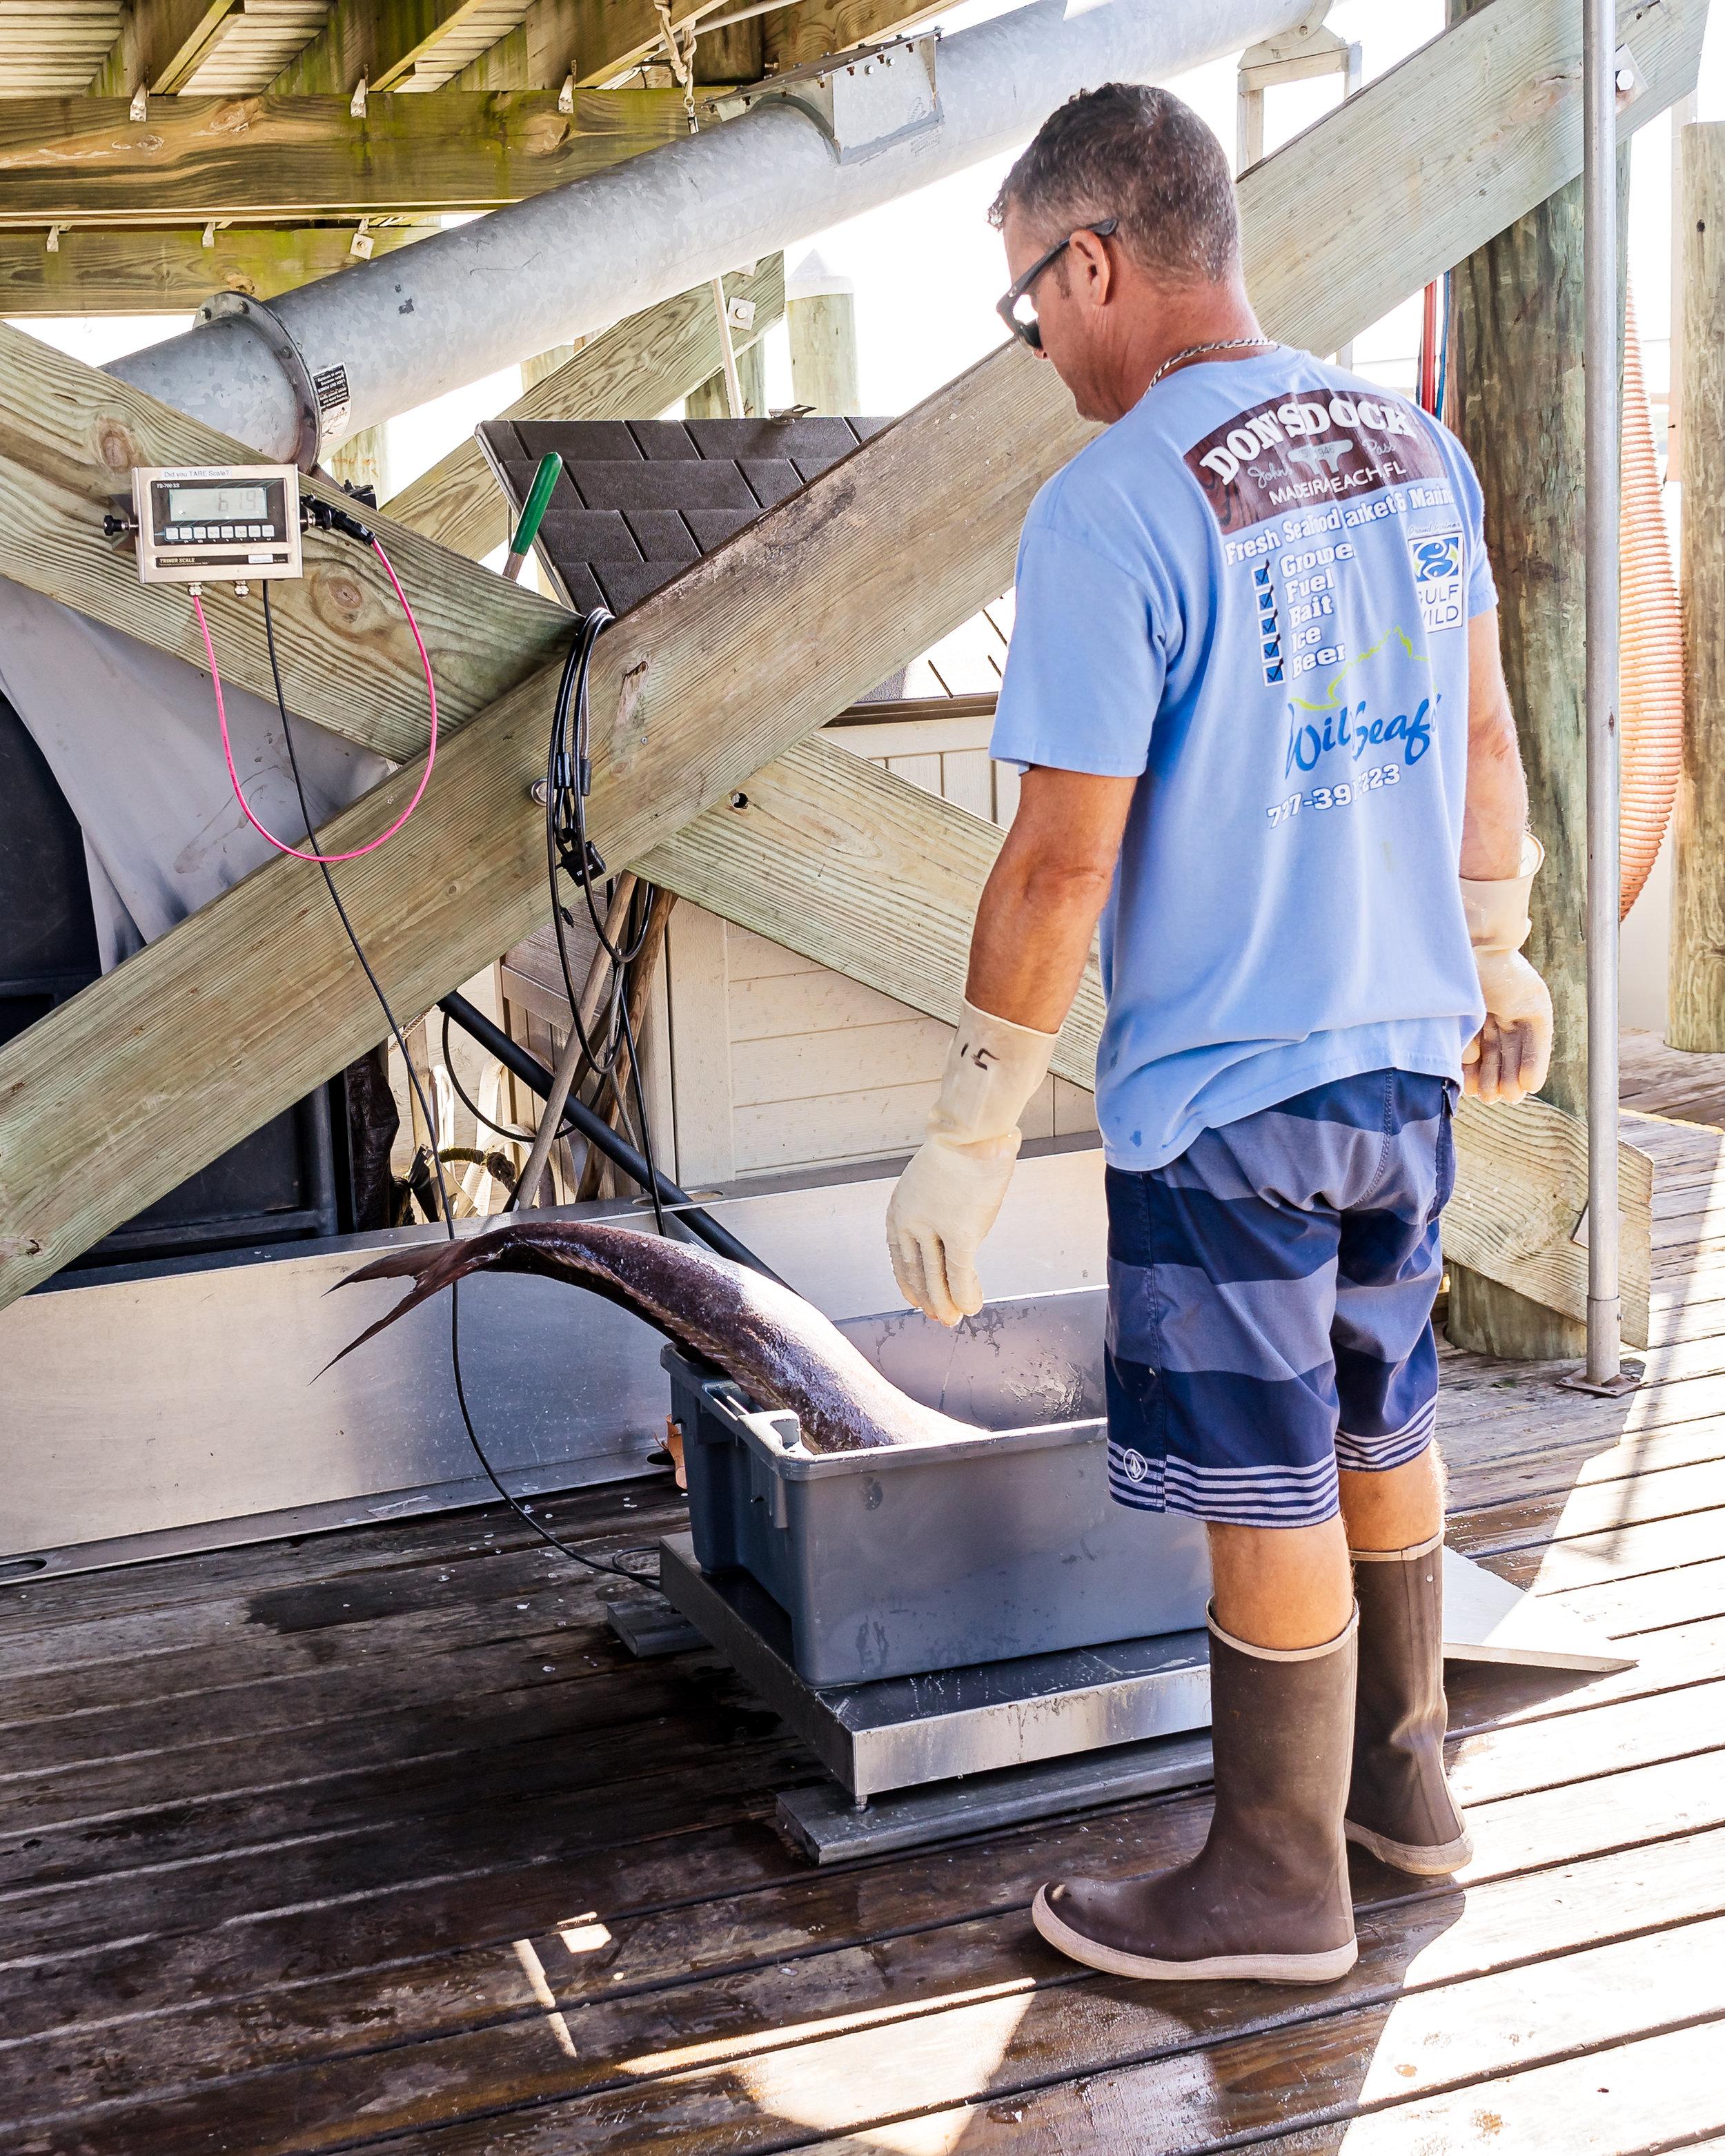 Chris Zook weighing a bin of fish.